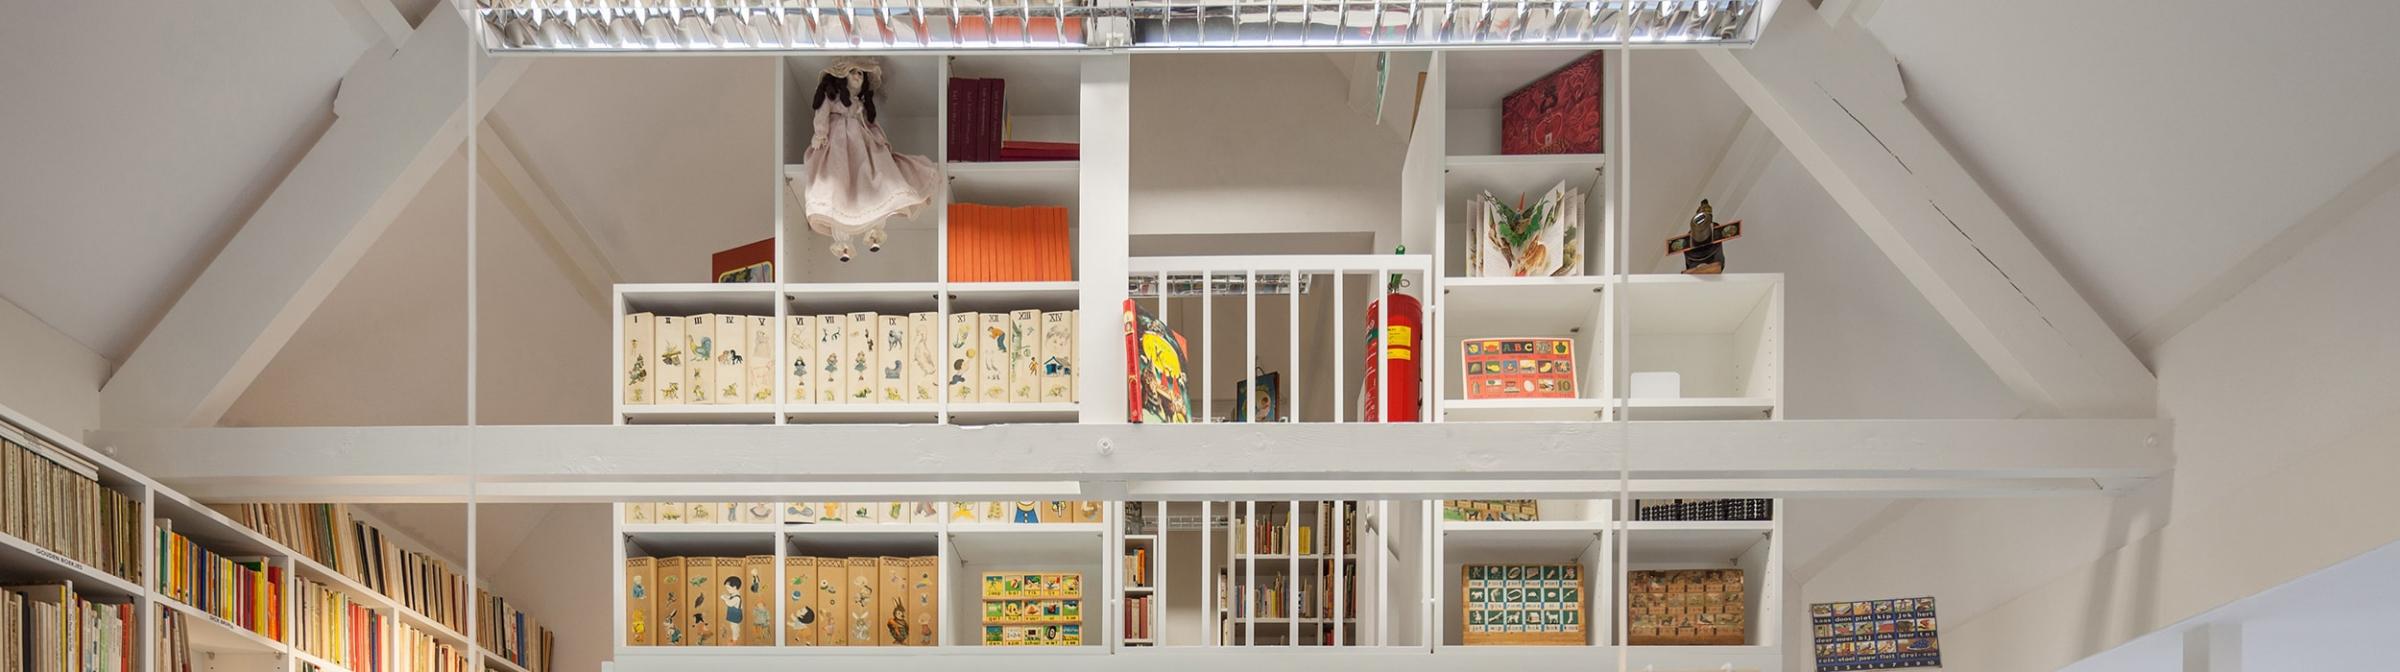 Kinderboekenhuis Harryvan Header